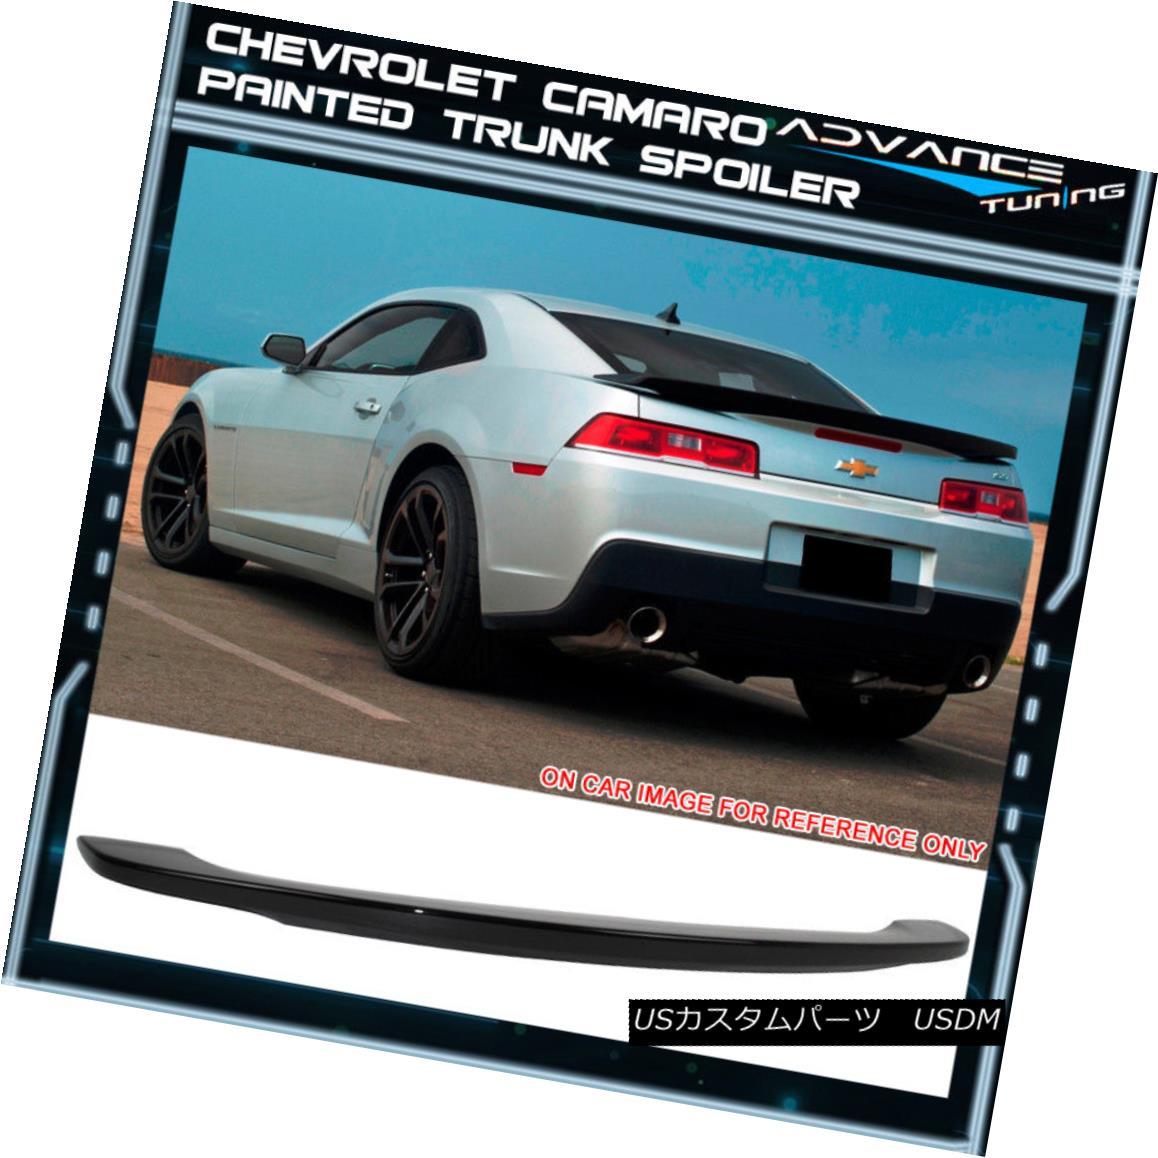 エアロパーツ 14-15 Chevy Camaro OE Style Low Blade Trunk Spoiler Painted Black - ABS 14-15シボレーカマロOEスタイル低ブレードトランクスポイラー黒塗装 - ABS